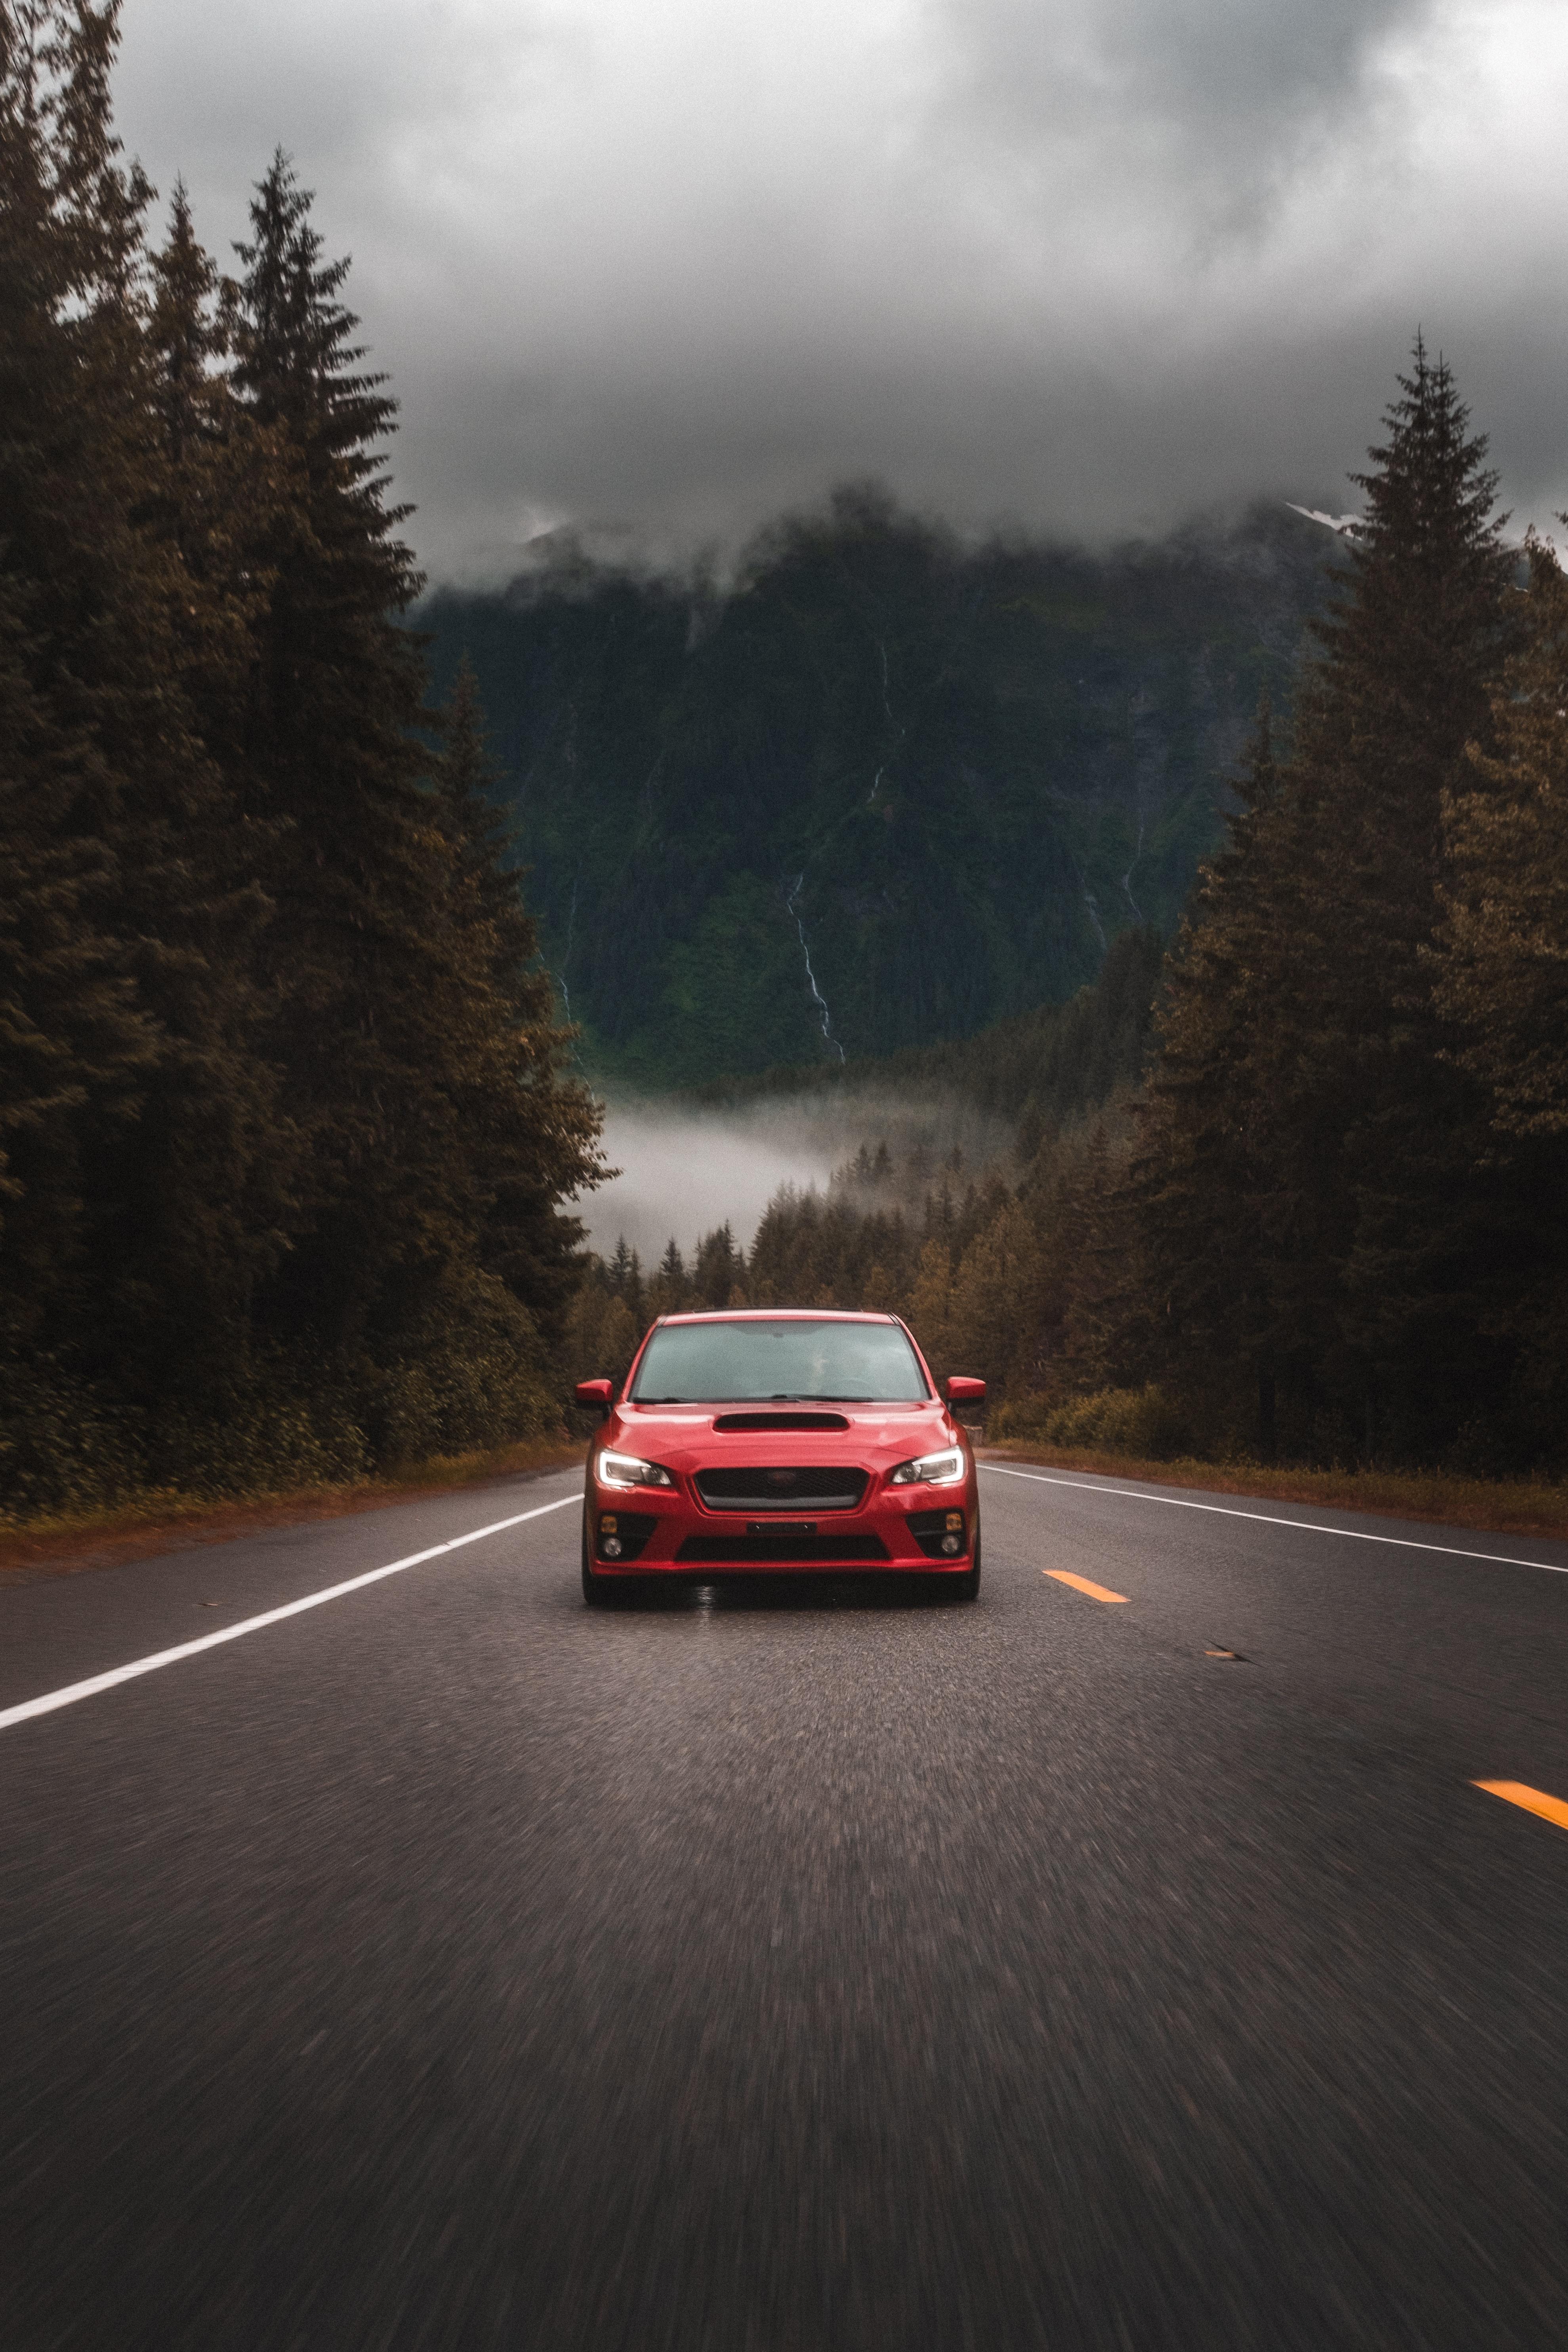 104623 Screensavers and Wallpapers Subaru for phone. Download Subaru, Cars, Road, Car, Asphalt, Front View, Subaru Sti pictures for free